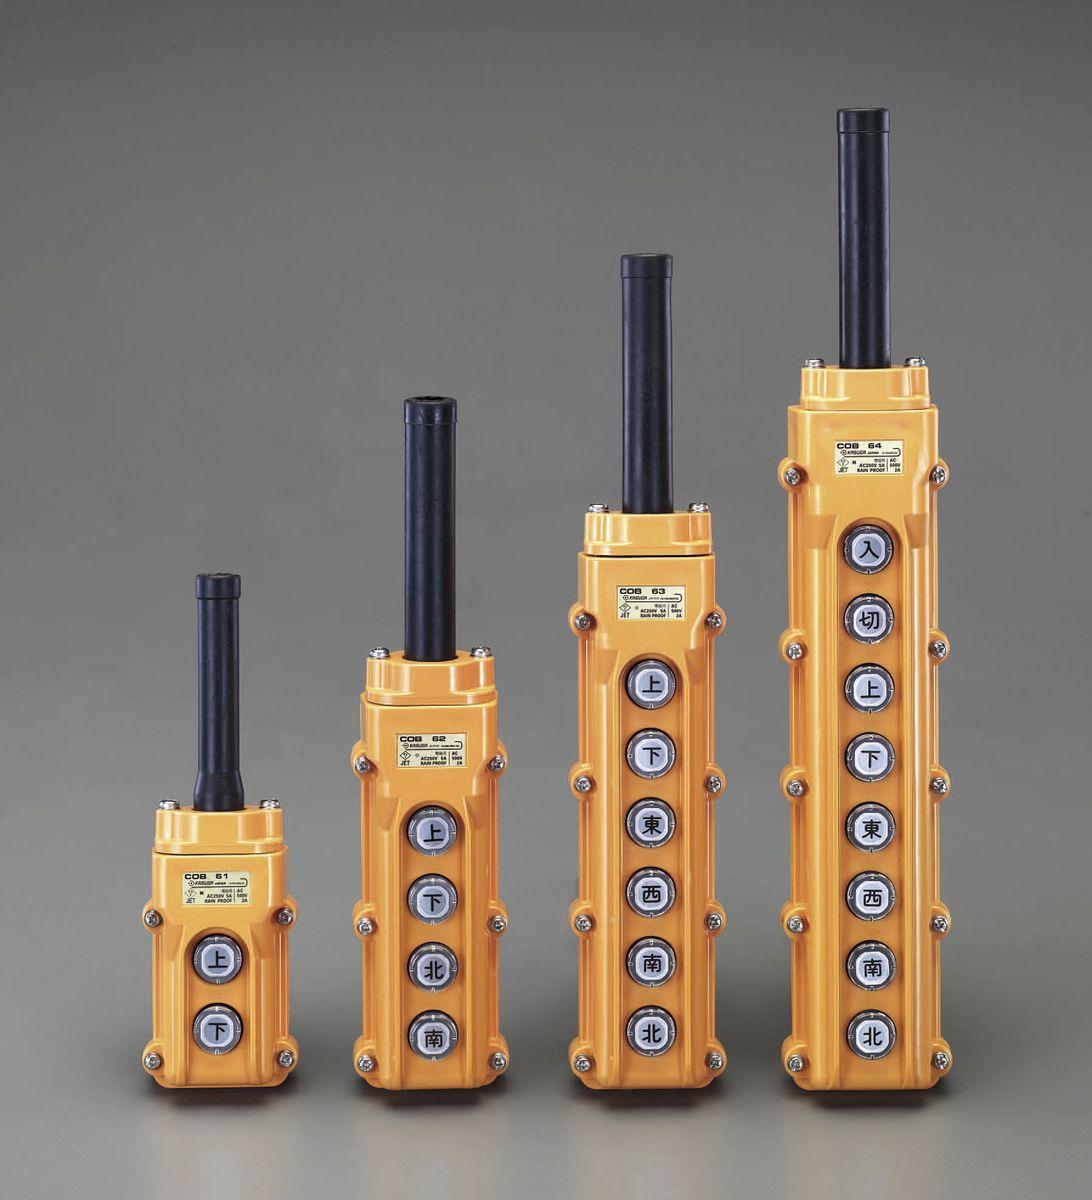 【メーカー在庫あり】 エスコ ESCO 6点 押しボタン開閉器 防雨形・ホイスト用 000012230858 HD店